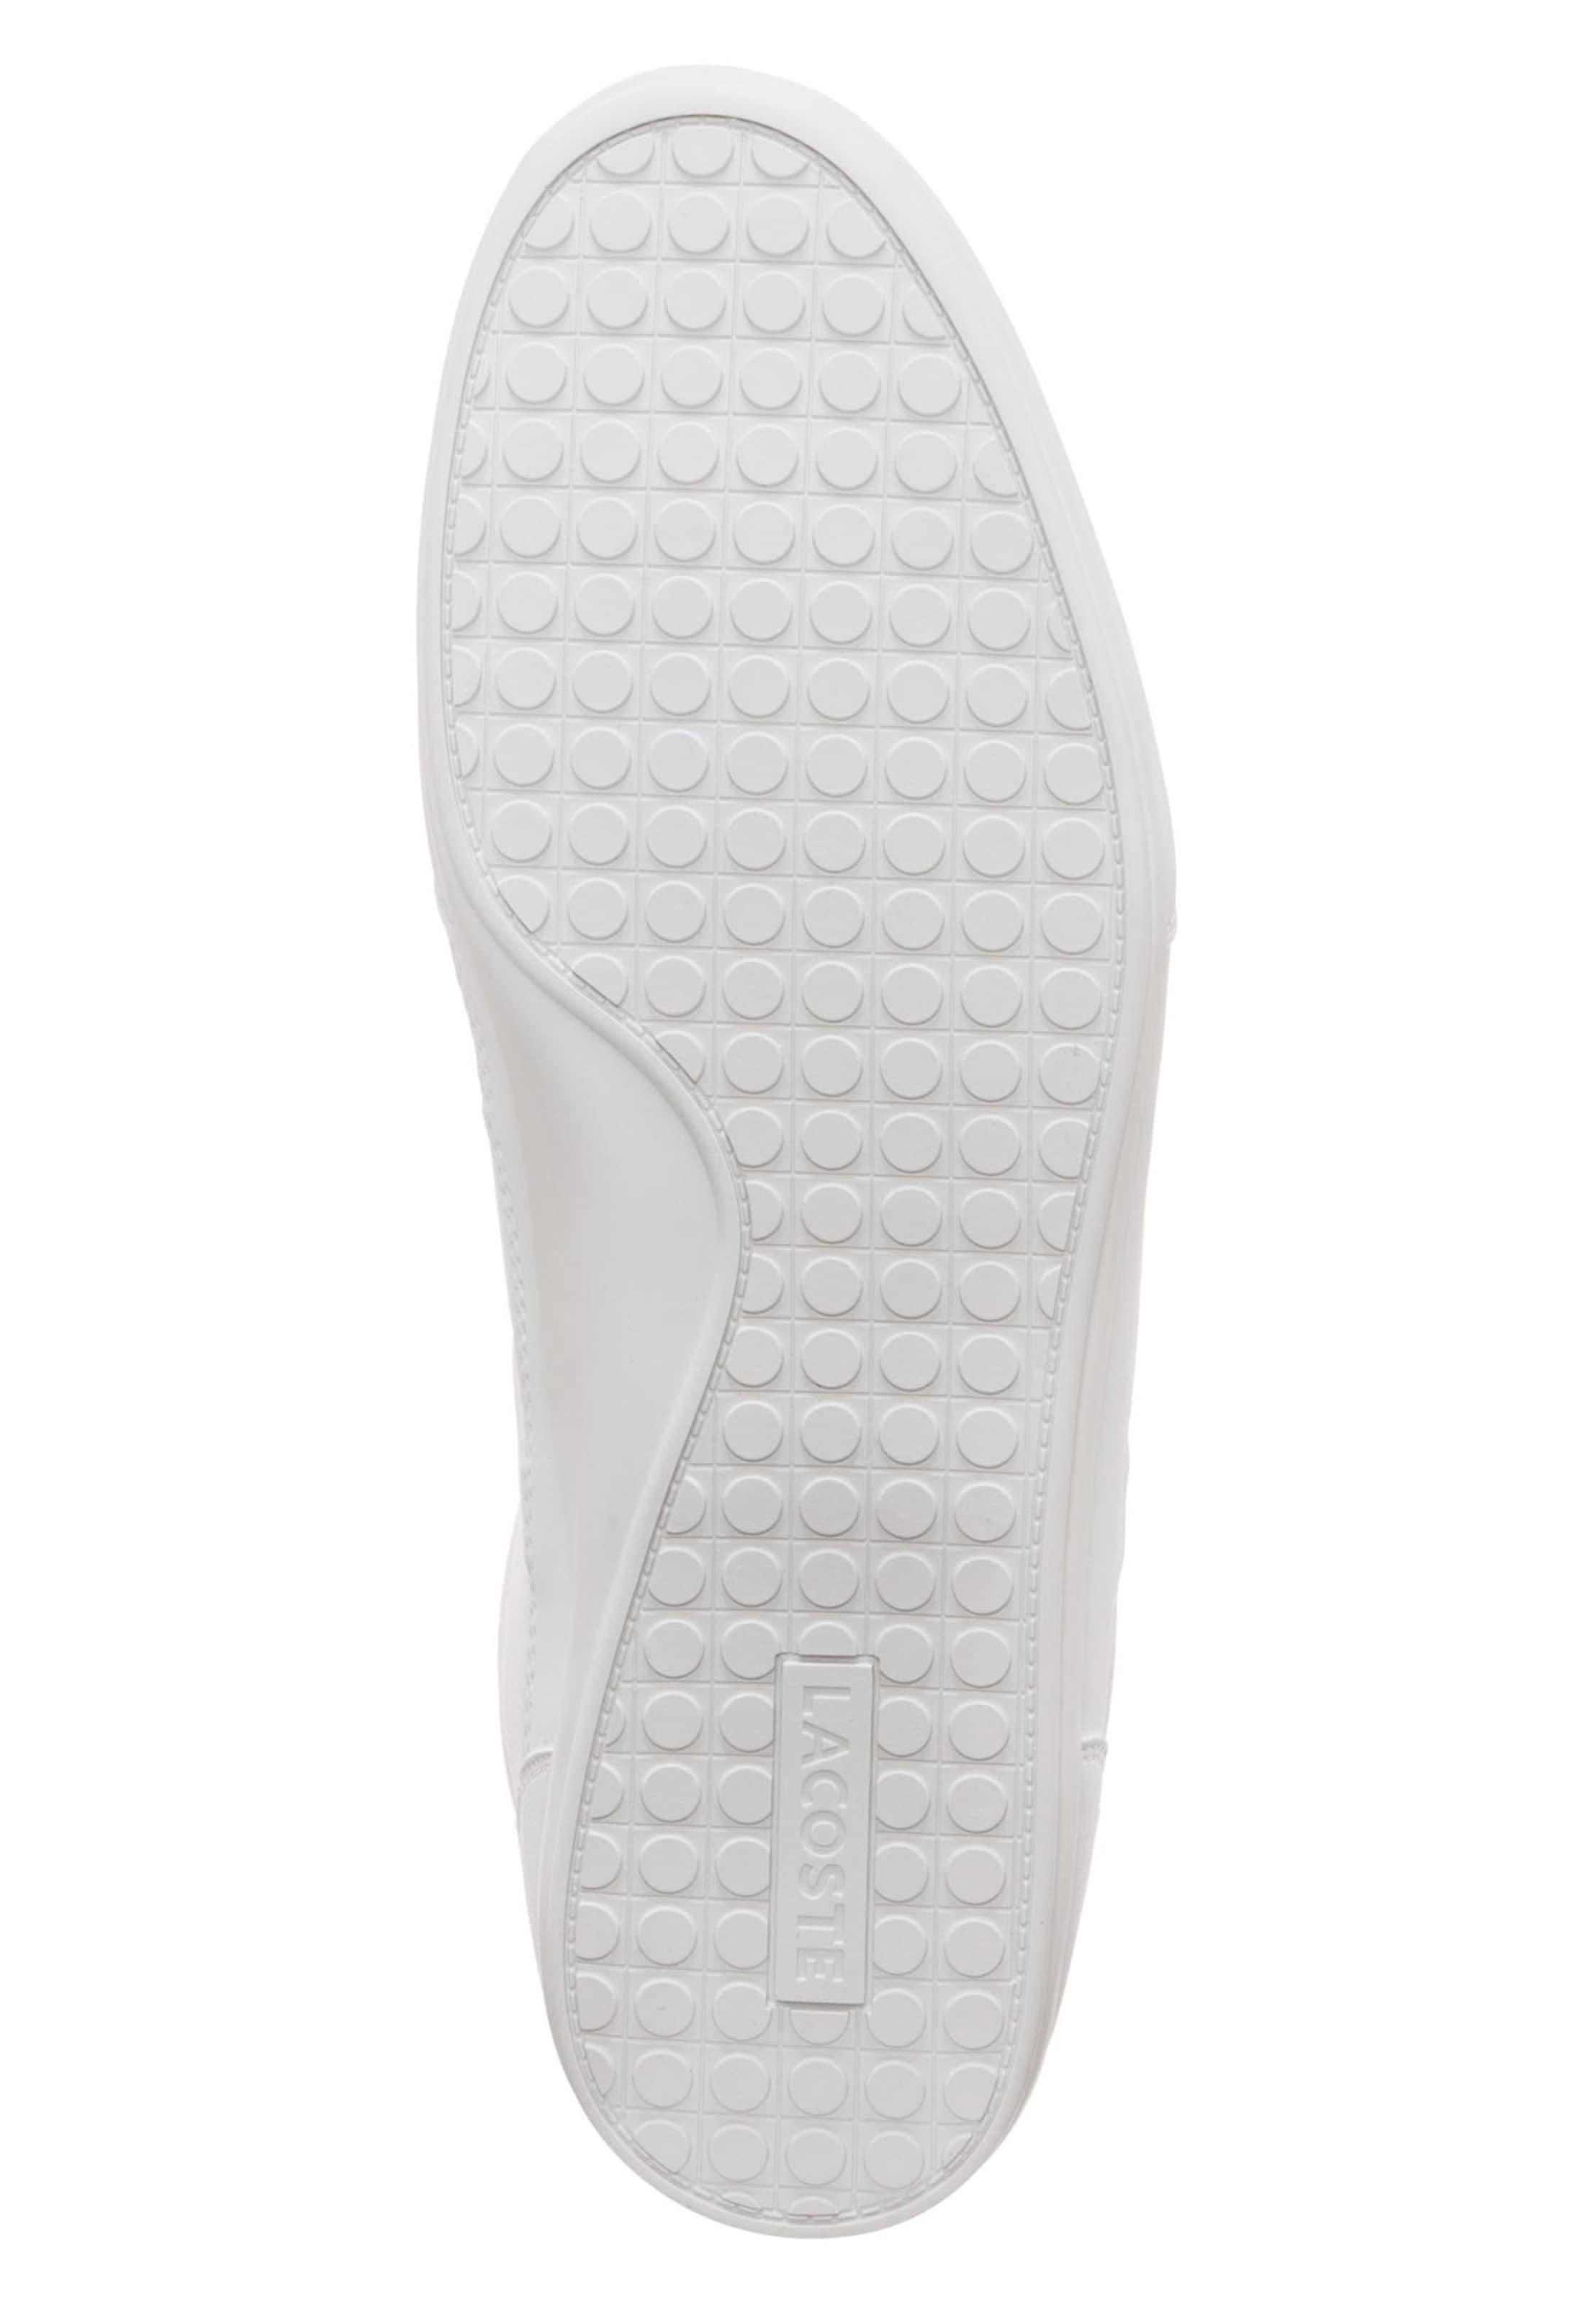 Weiß In Sneaker Lacoste Sneaker 'chaymon' Lacoste 'chaymon' Y7ymI6gbvf